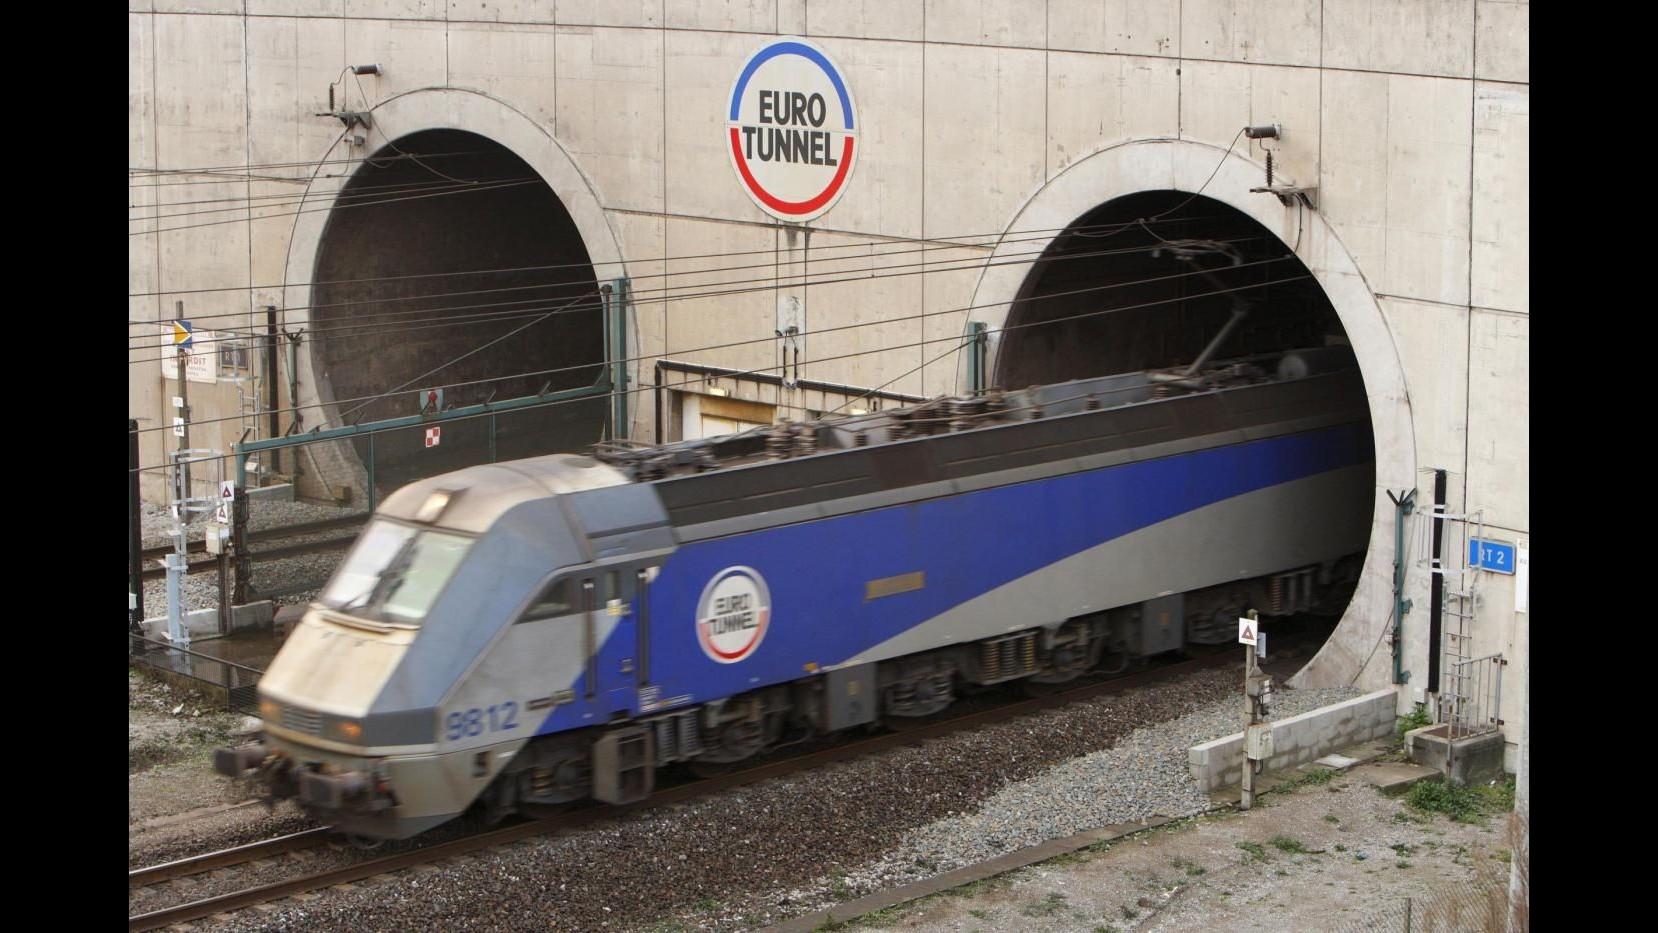 Migranti, muore investito da treno in tunnel della Manica a Calais